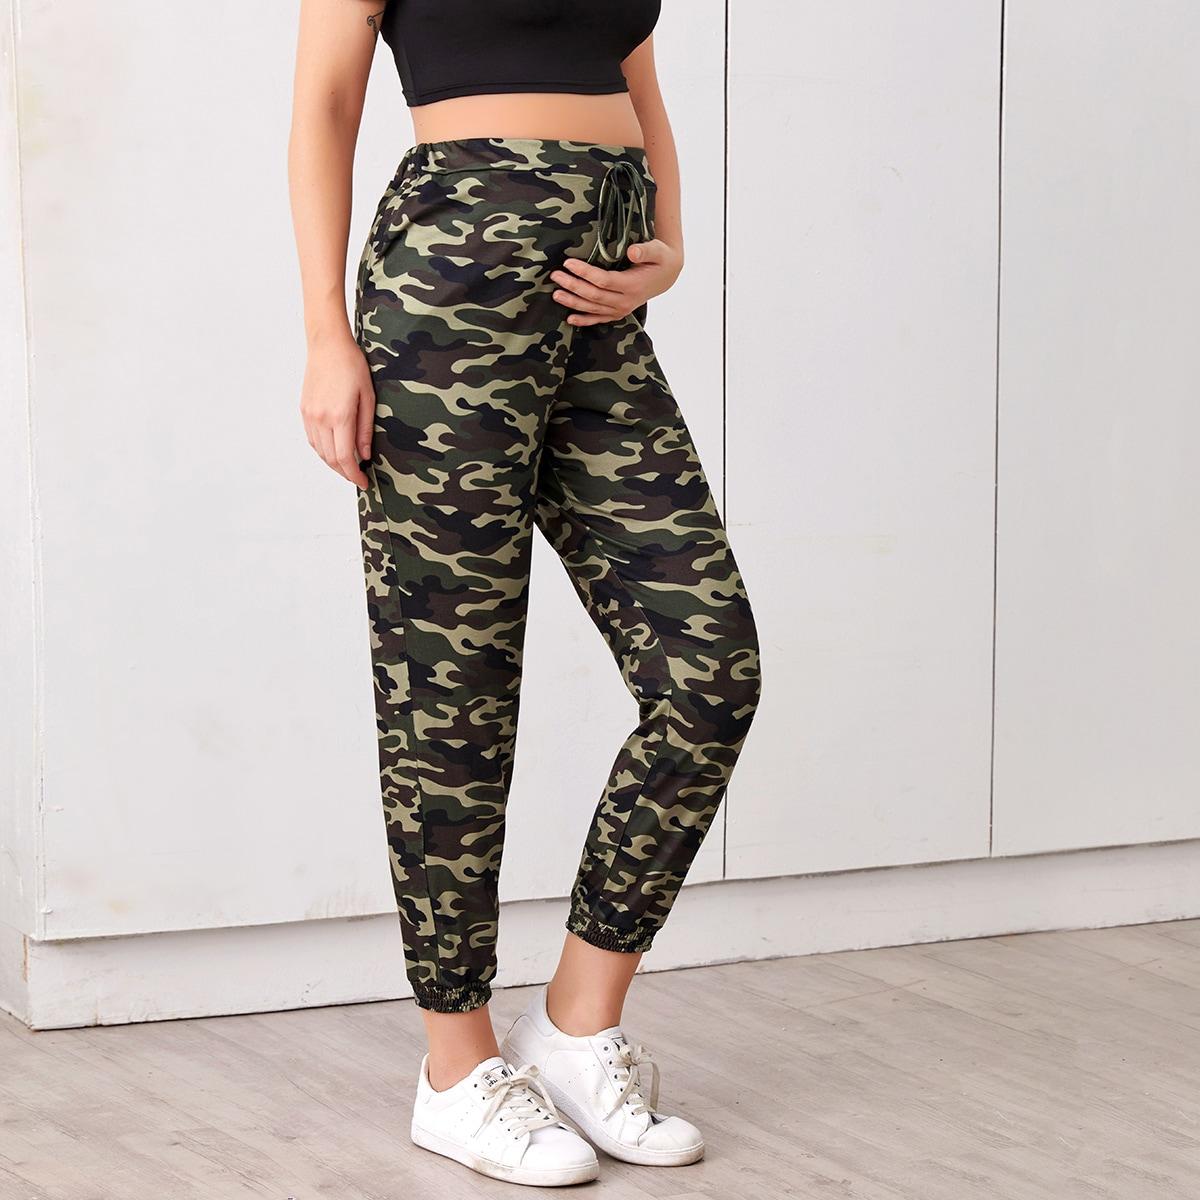 Спортивные брюки с камуфляжным принтом и узлом для беременных от SHEIN